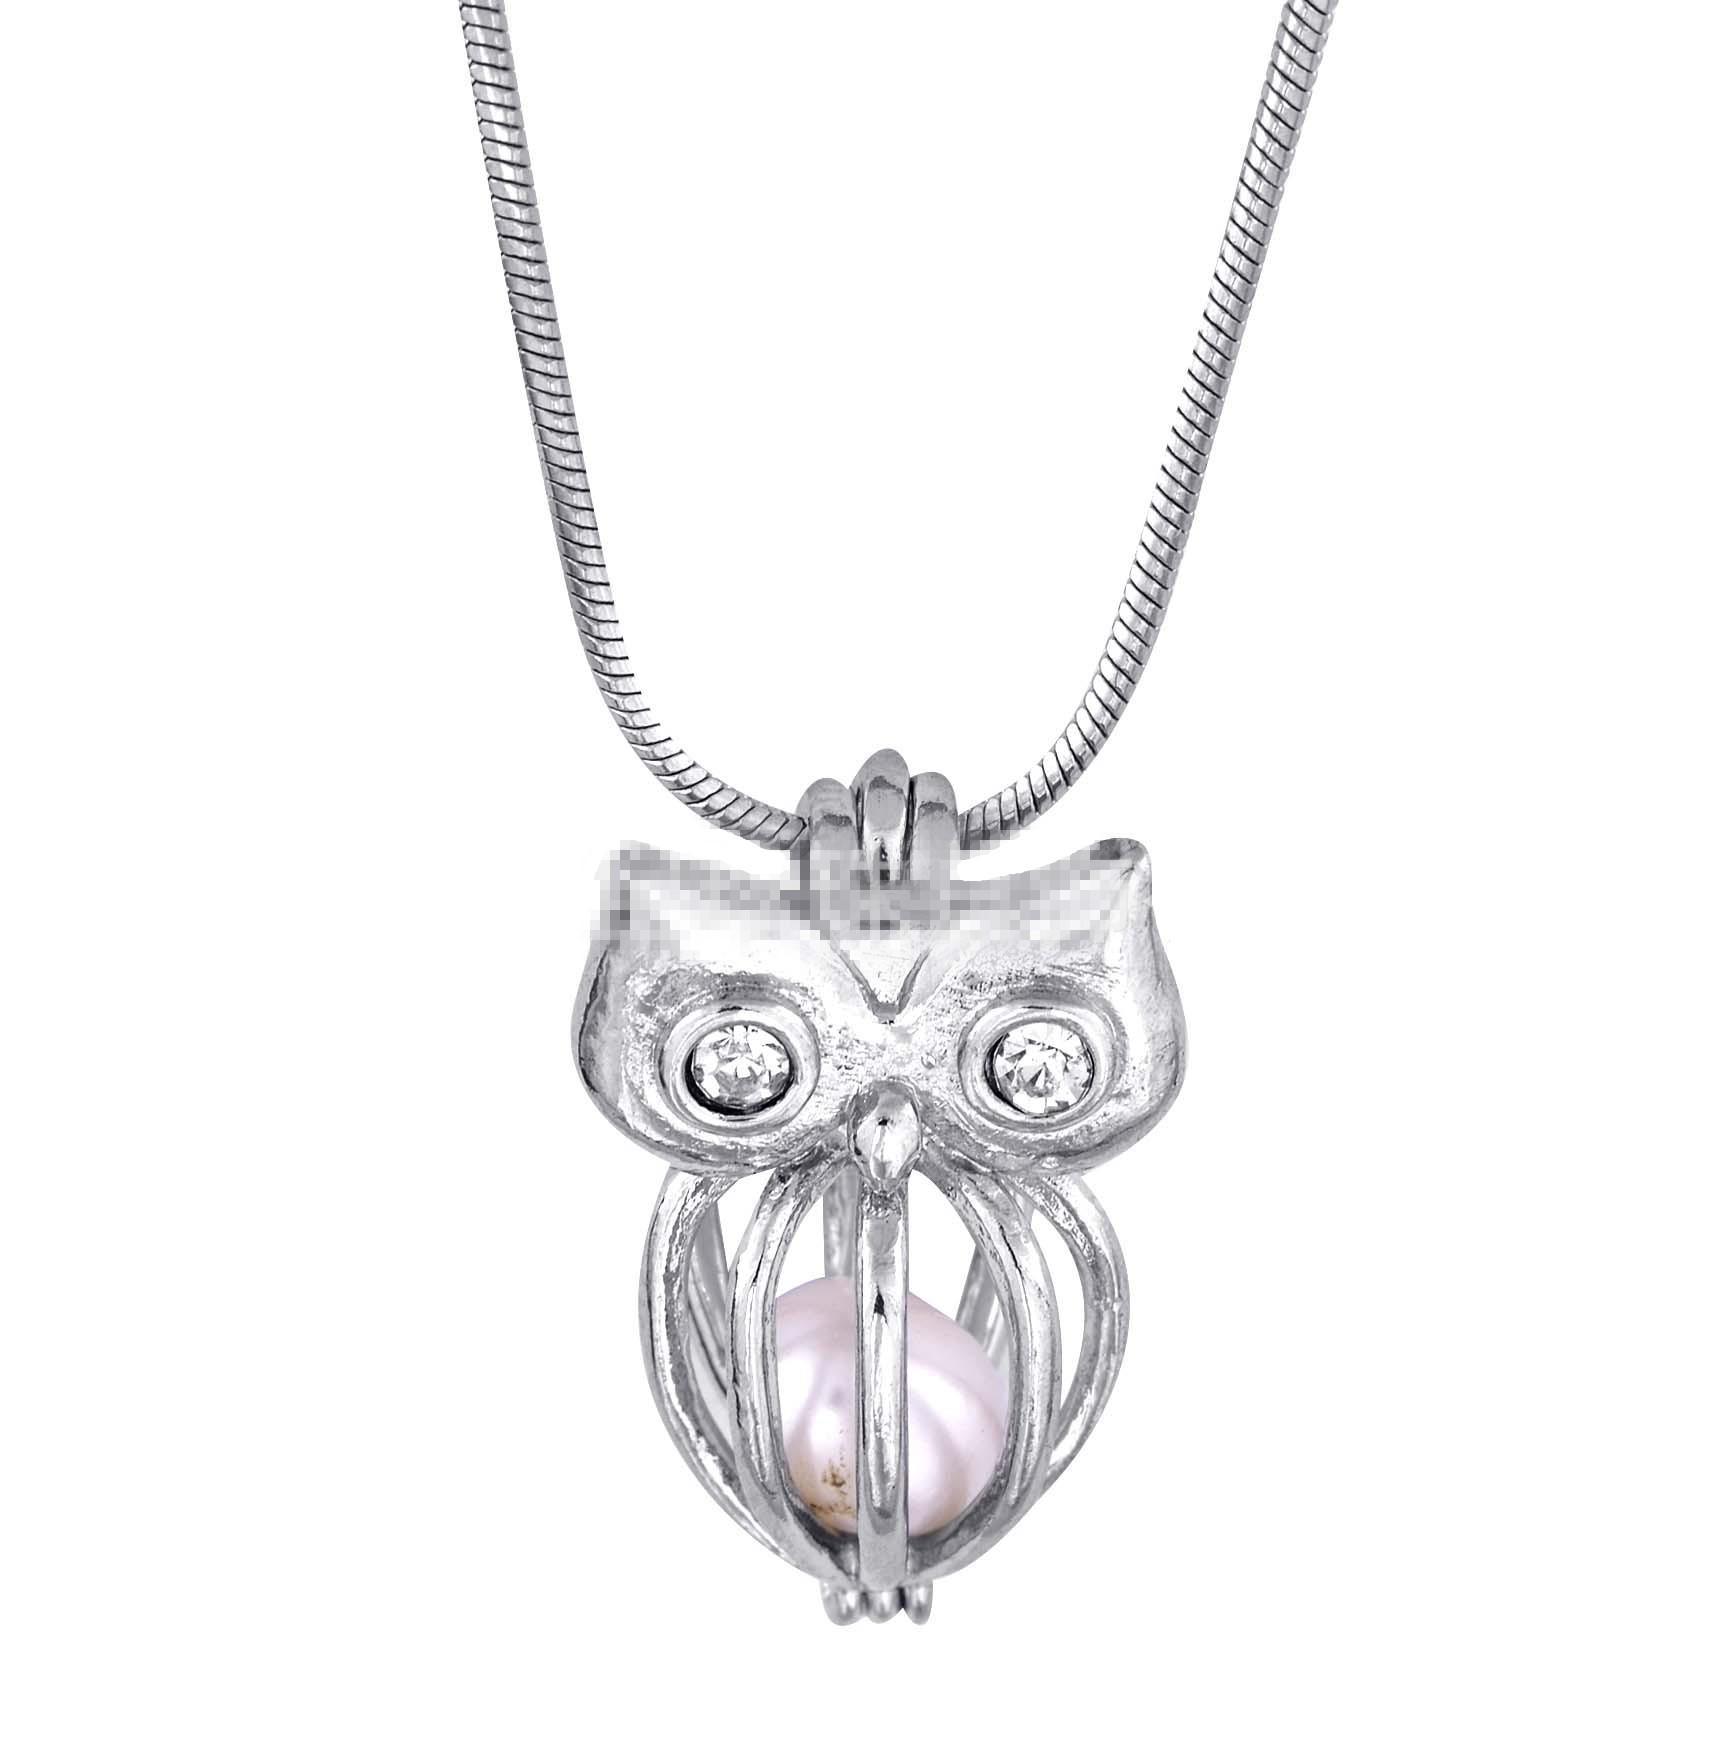 75 stili in azione 18kgp perline Moda amore perla di desiderio / gemma locket gabbie ciondoli, pendenti di fascino collana di perle fai da te supporti /